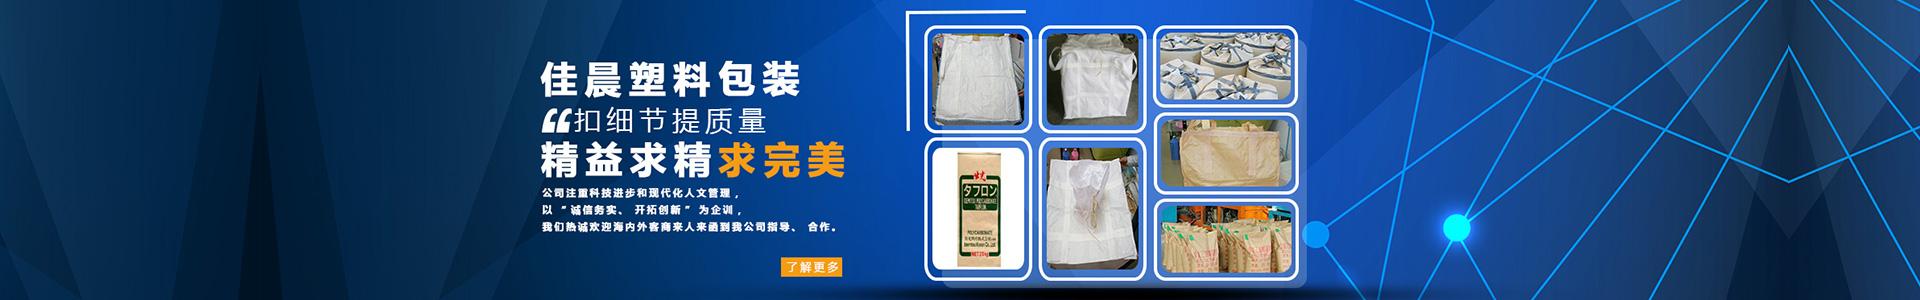 郑州集装袋厂家